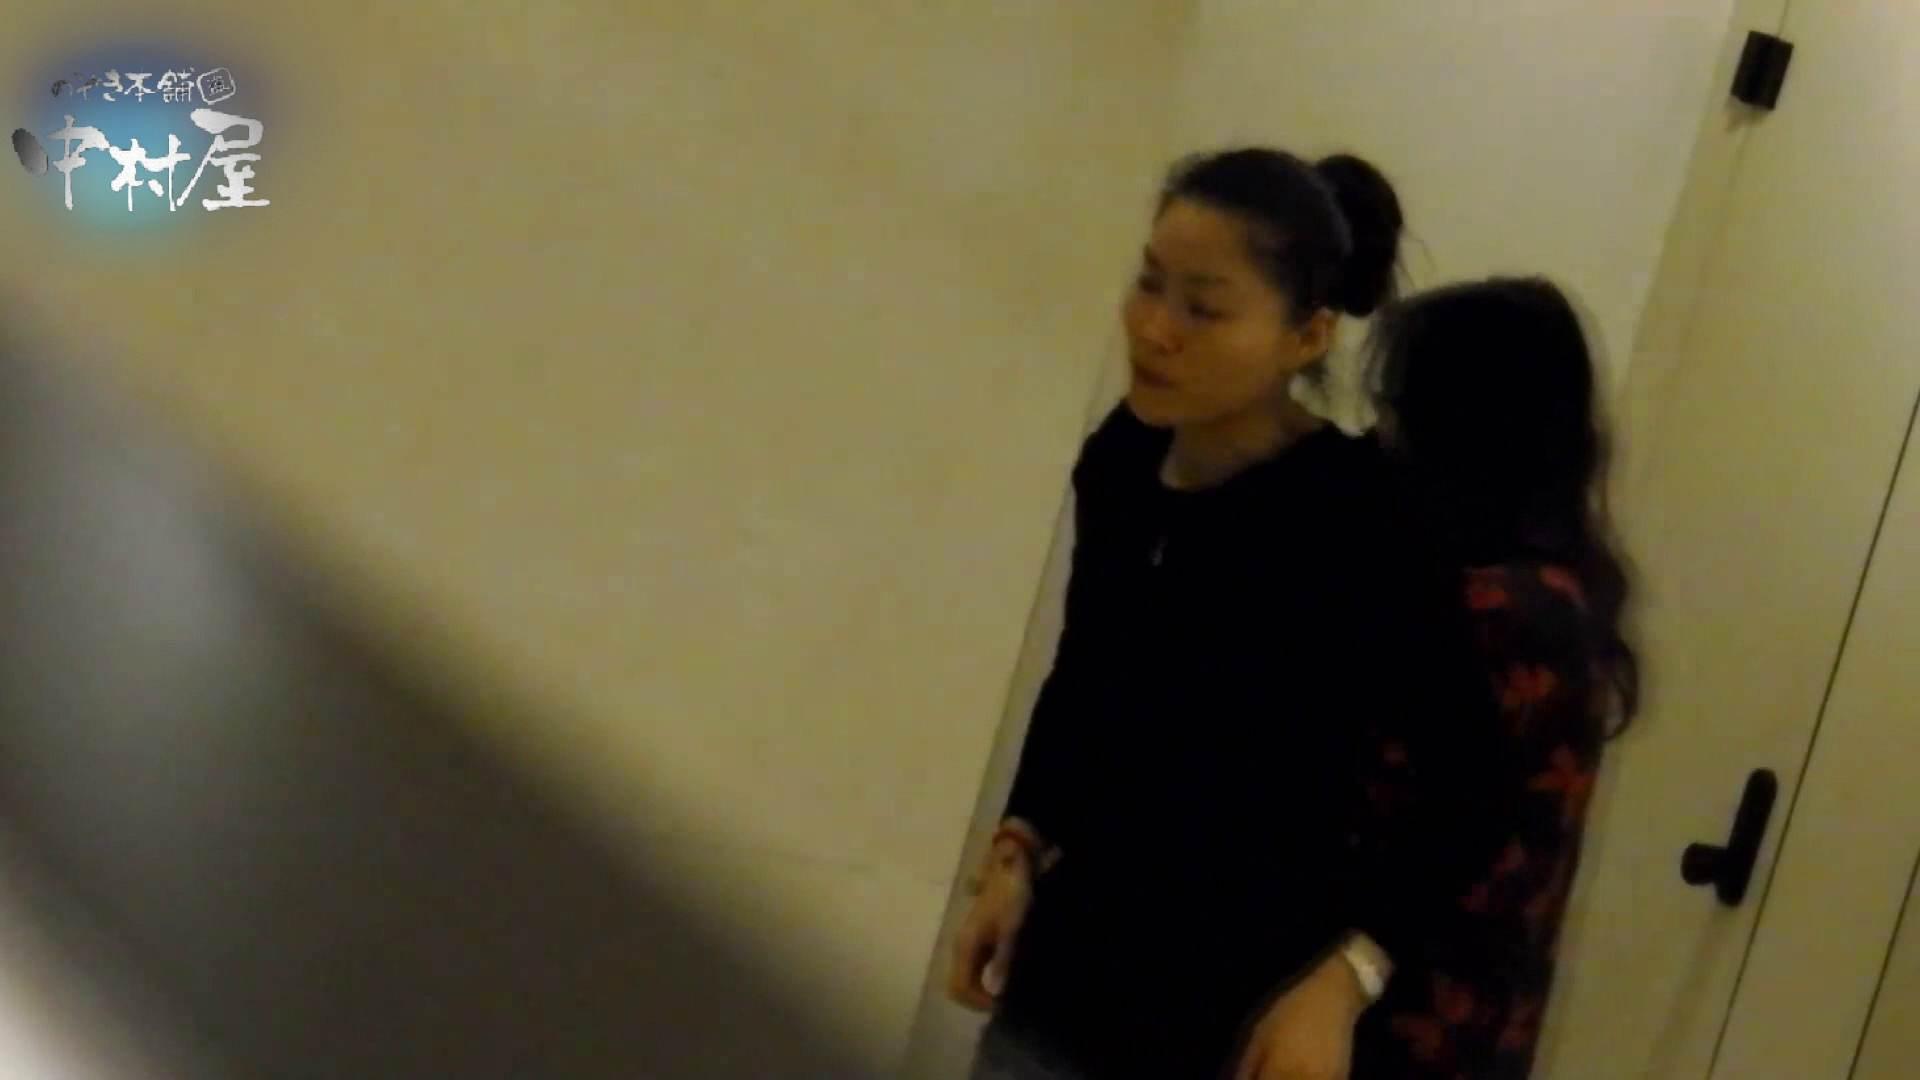 乙女集まる!ショッピングモール潜入撮vol.02 乙女のエロ動画 おめこ無修正動画無料 102PIX 4